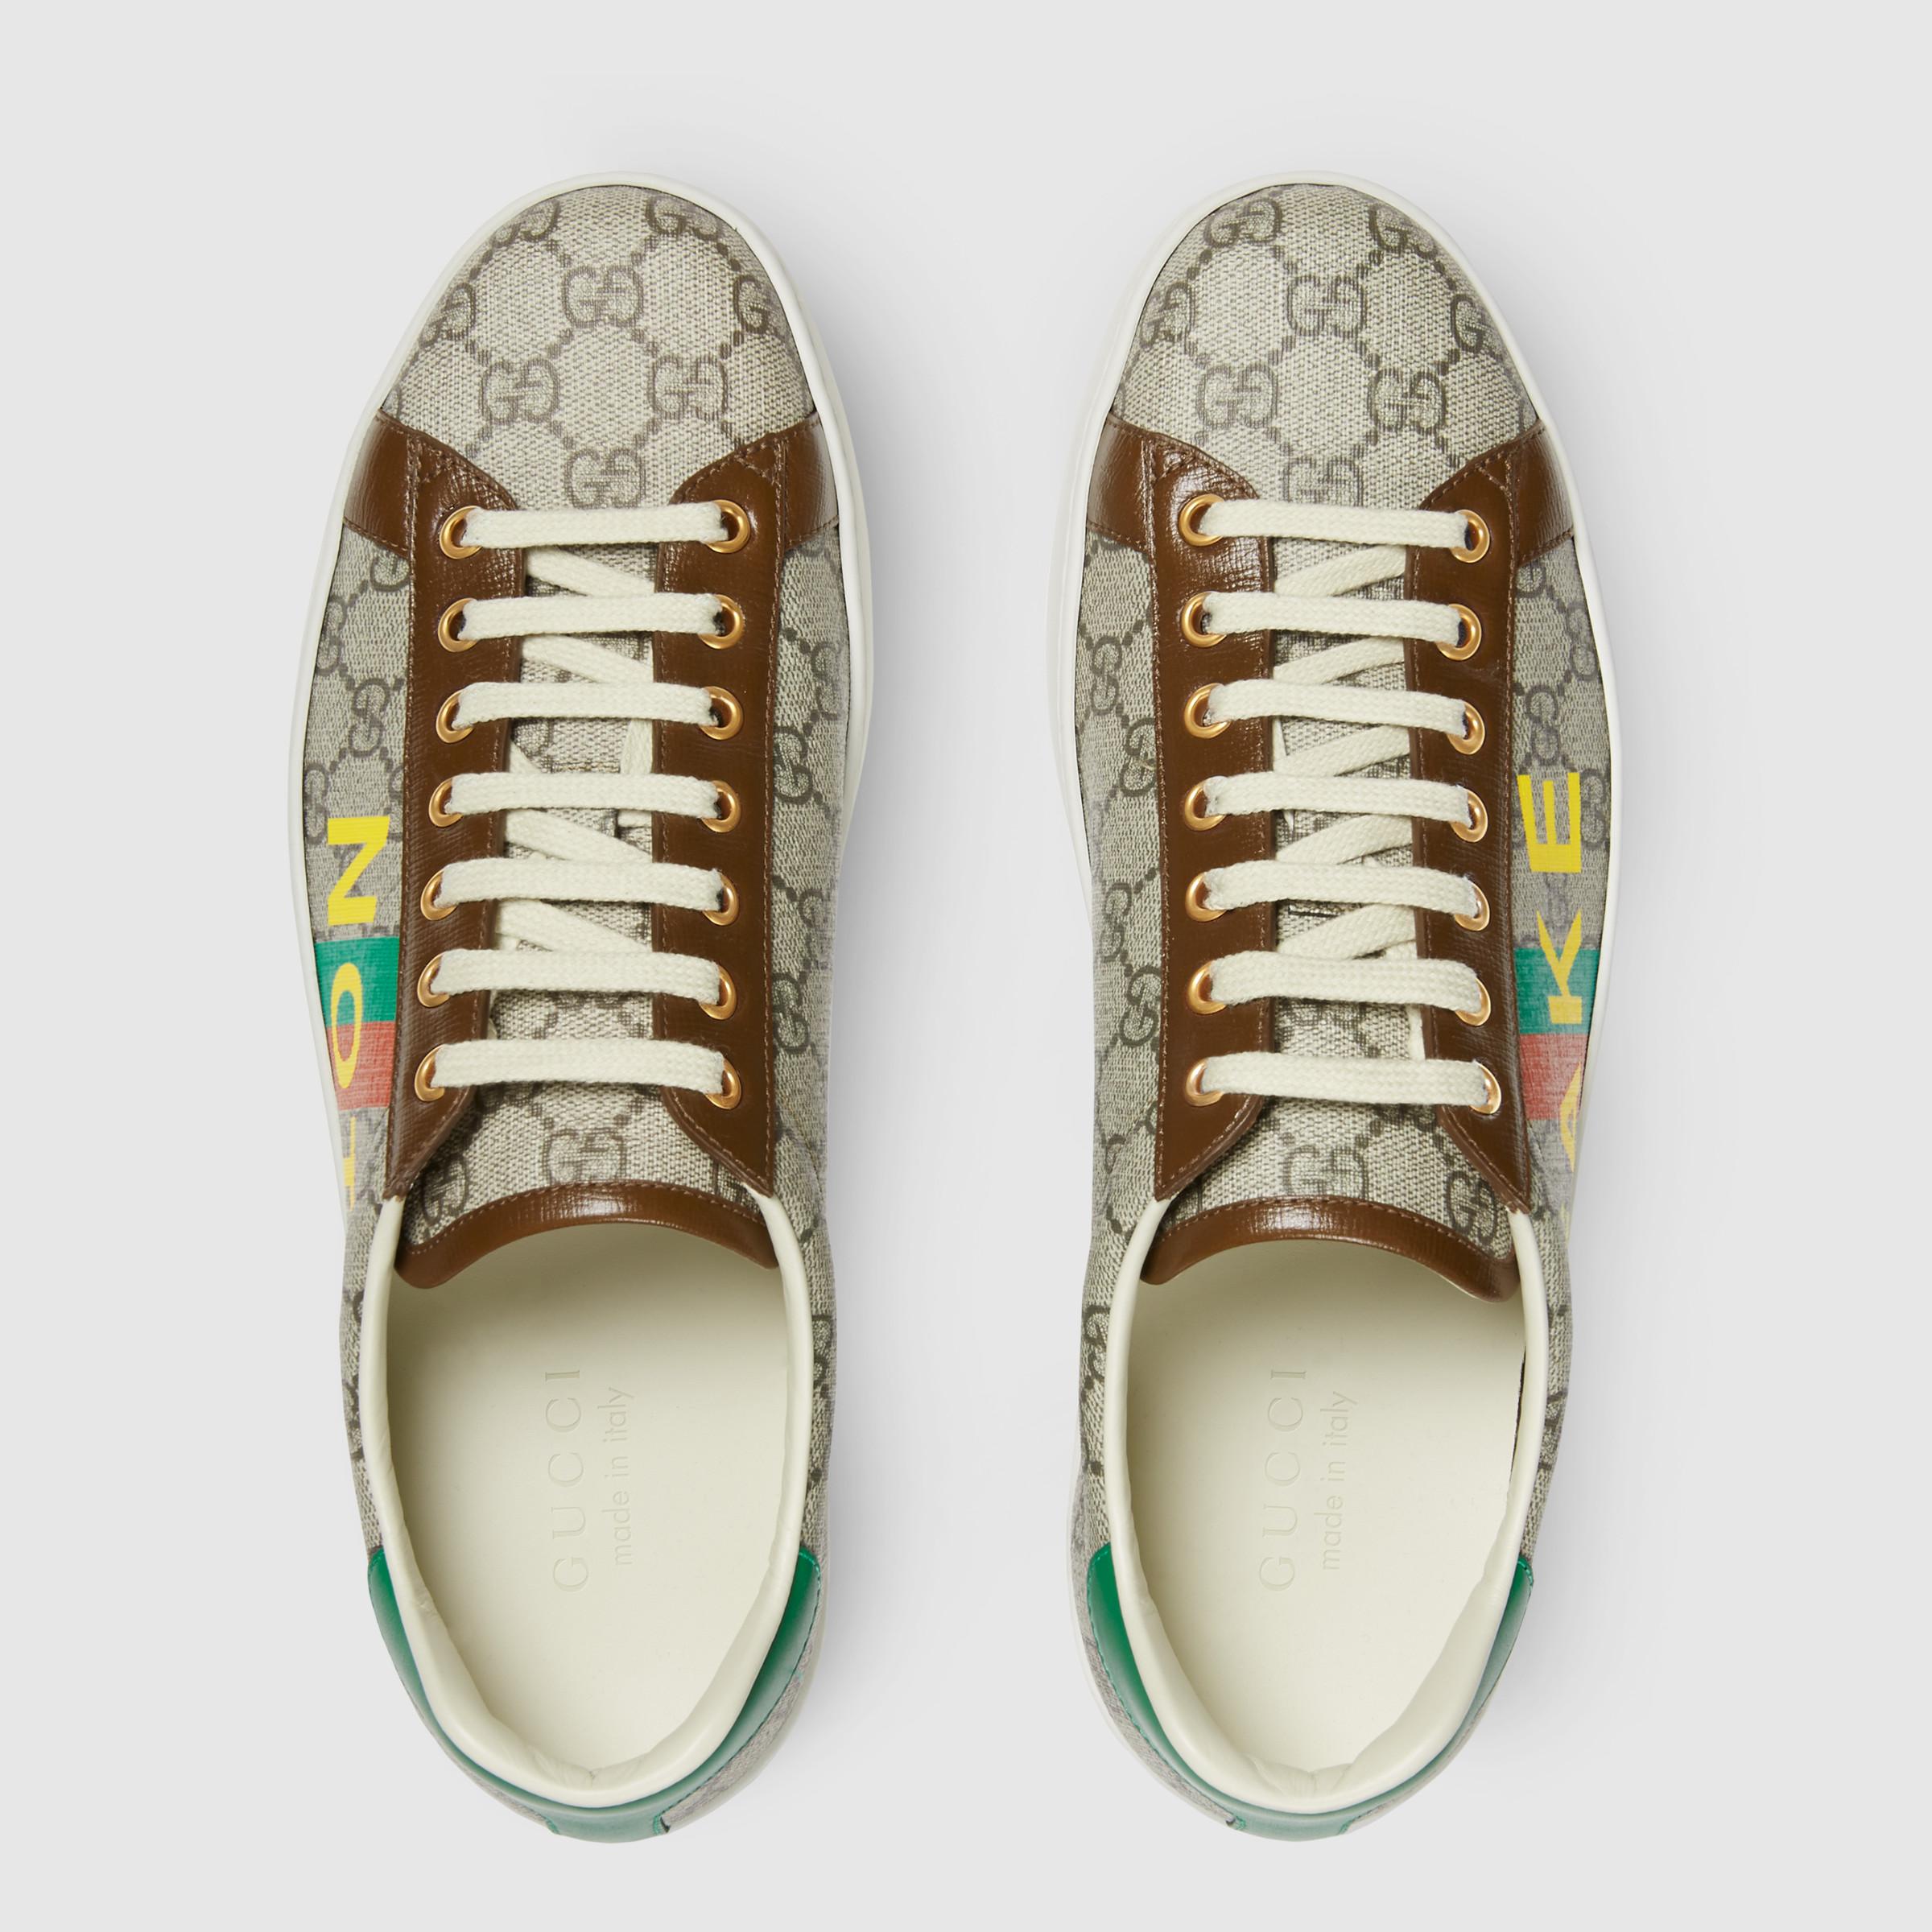 유럽직배송 구찌 GUCCI Gucci Men's 'Fake/Not' print Ace sneaker 6363582GC108260